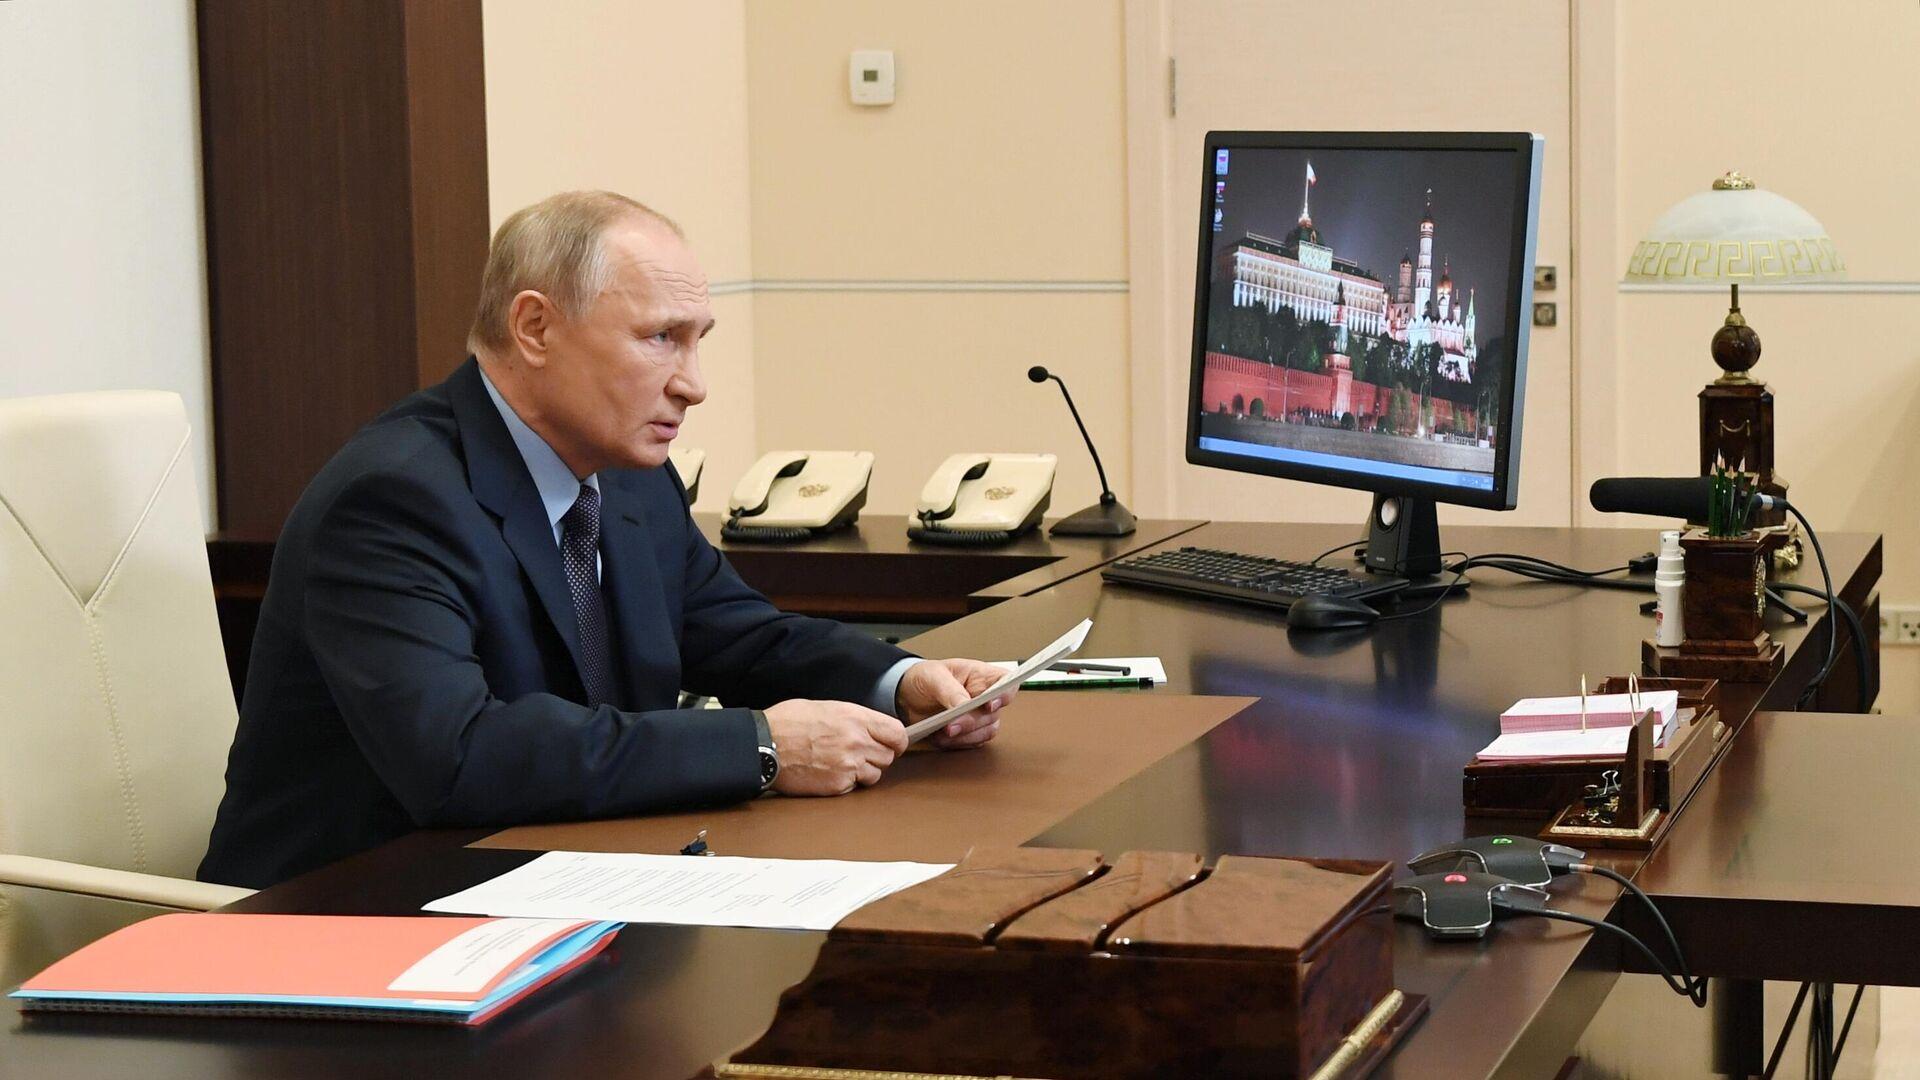 Президент РФ Владимир Путин проводит оперативное совещание с постоянными членами Совета безопасности РФ в режиме видеоконференции - РИА Новости, 1920, 16.11.2020